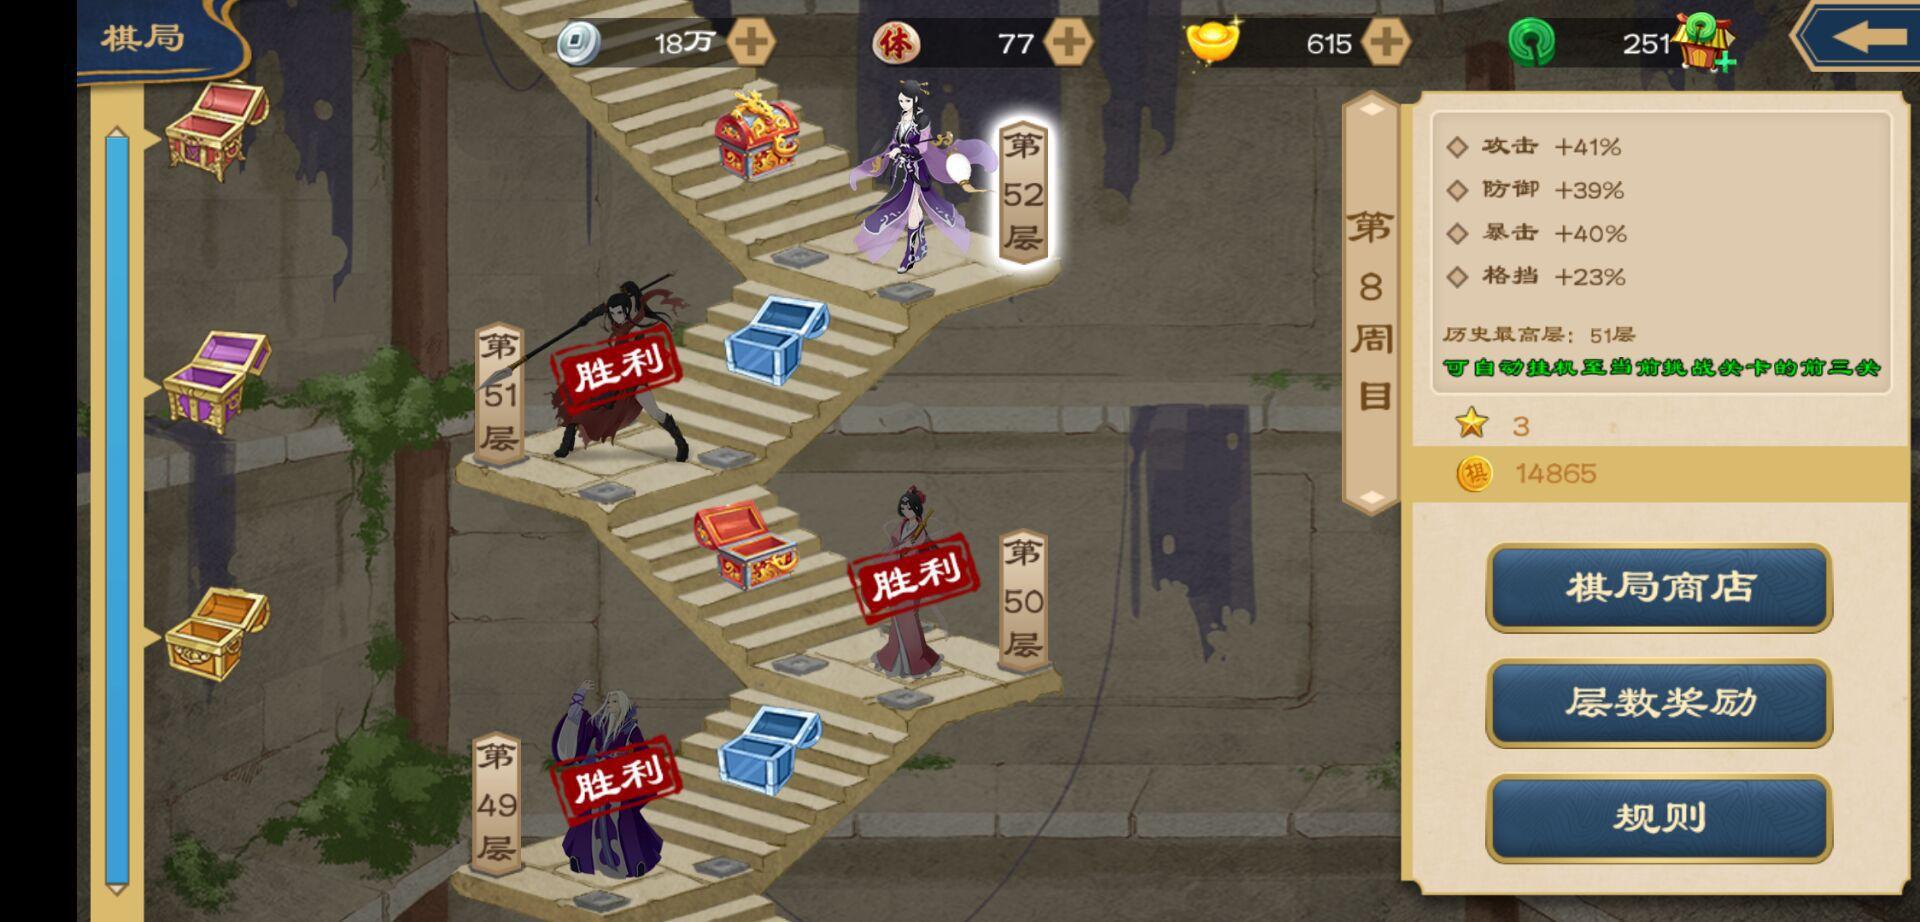 《武侠2》九宫格布阵玩法,多样卡组套路